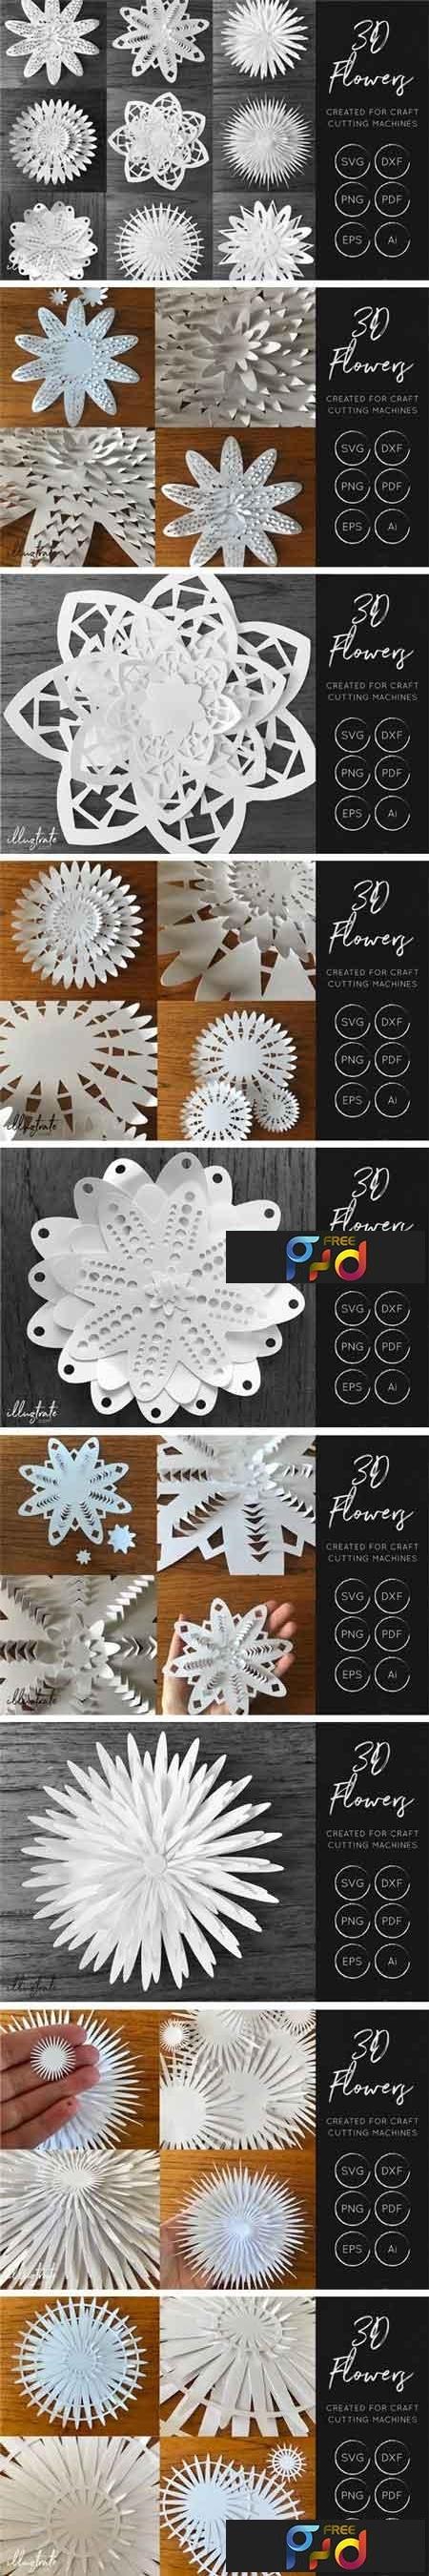 3D Flower SVG Cut Files 44342 1